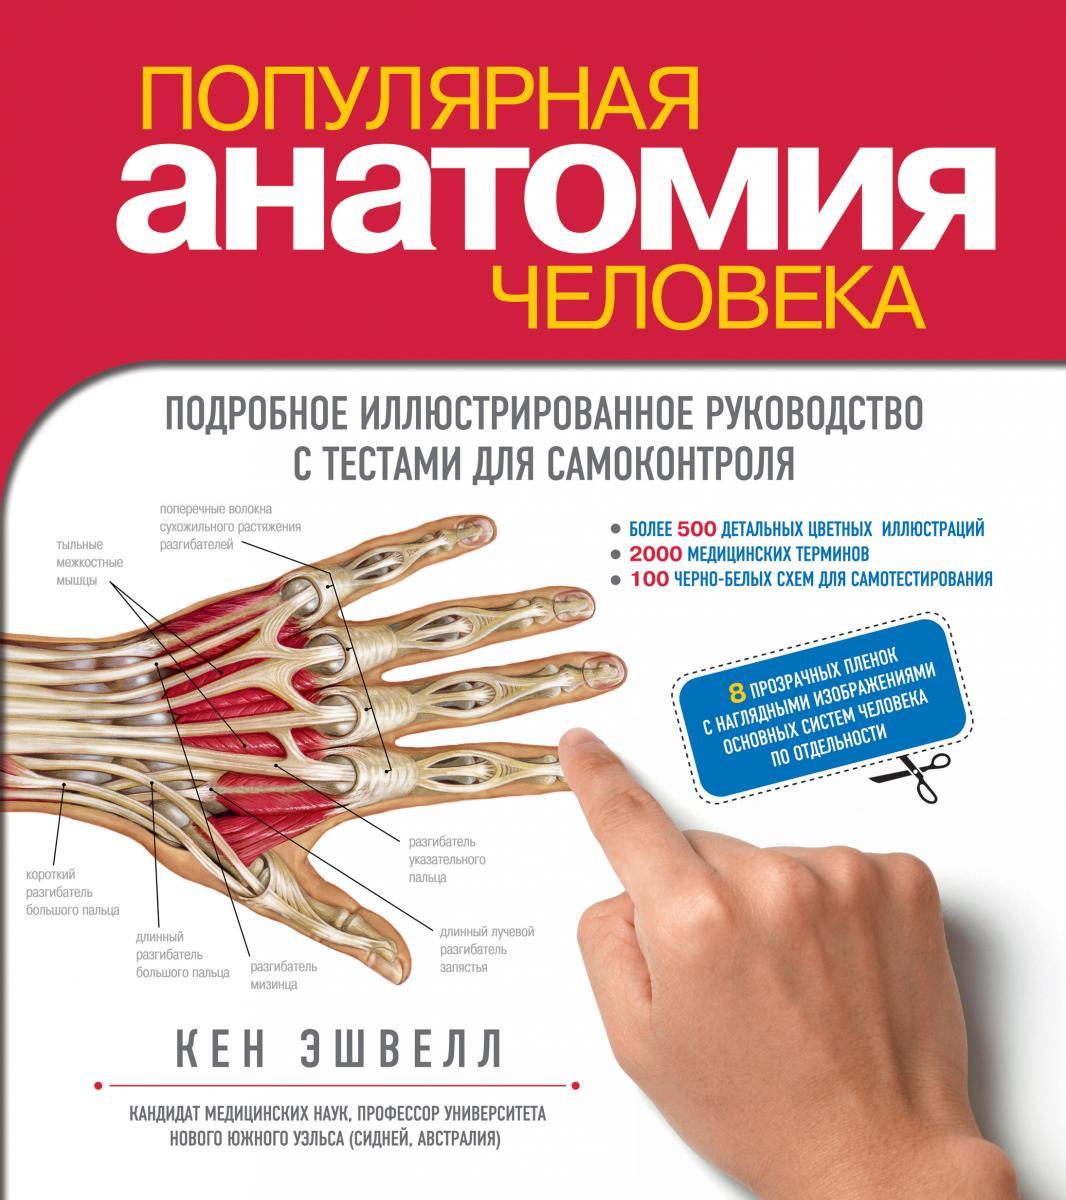 анатомия человека книга иваницкий скачать